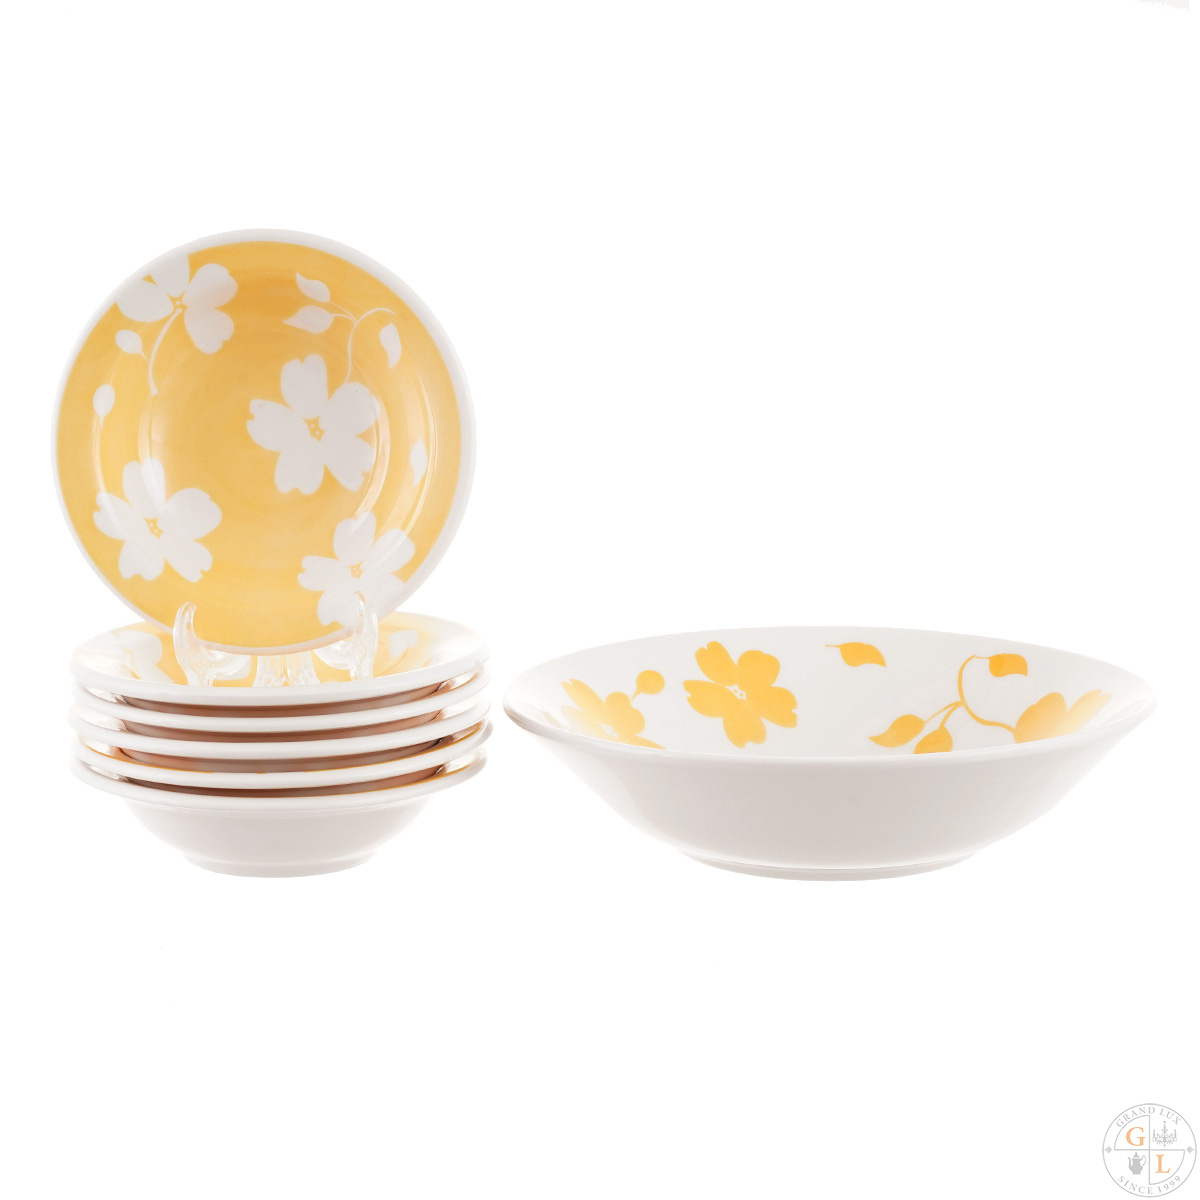 Десертный набор Oxford 7 предметов (тарелка для фруктов + 6 десертных тарелок) круглые